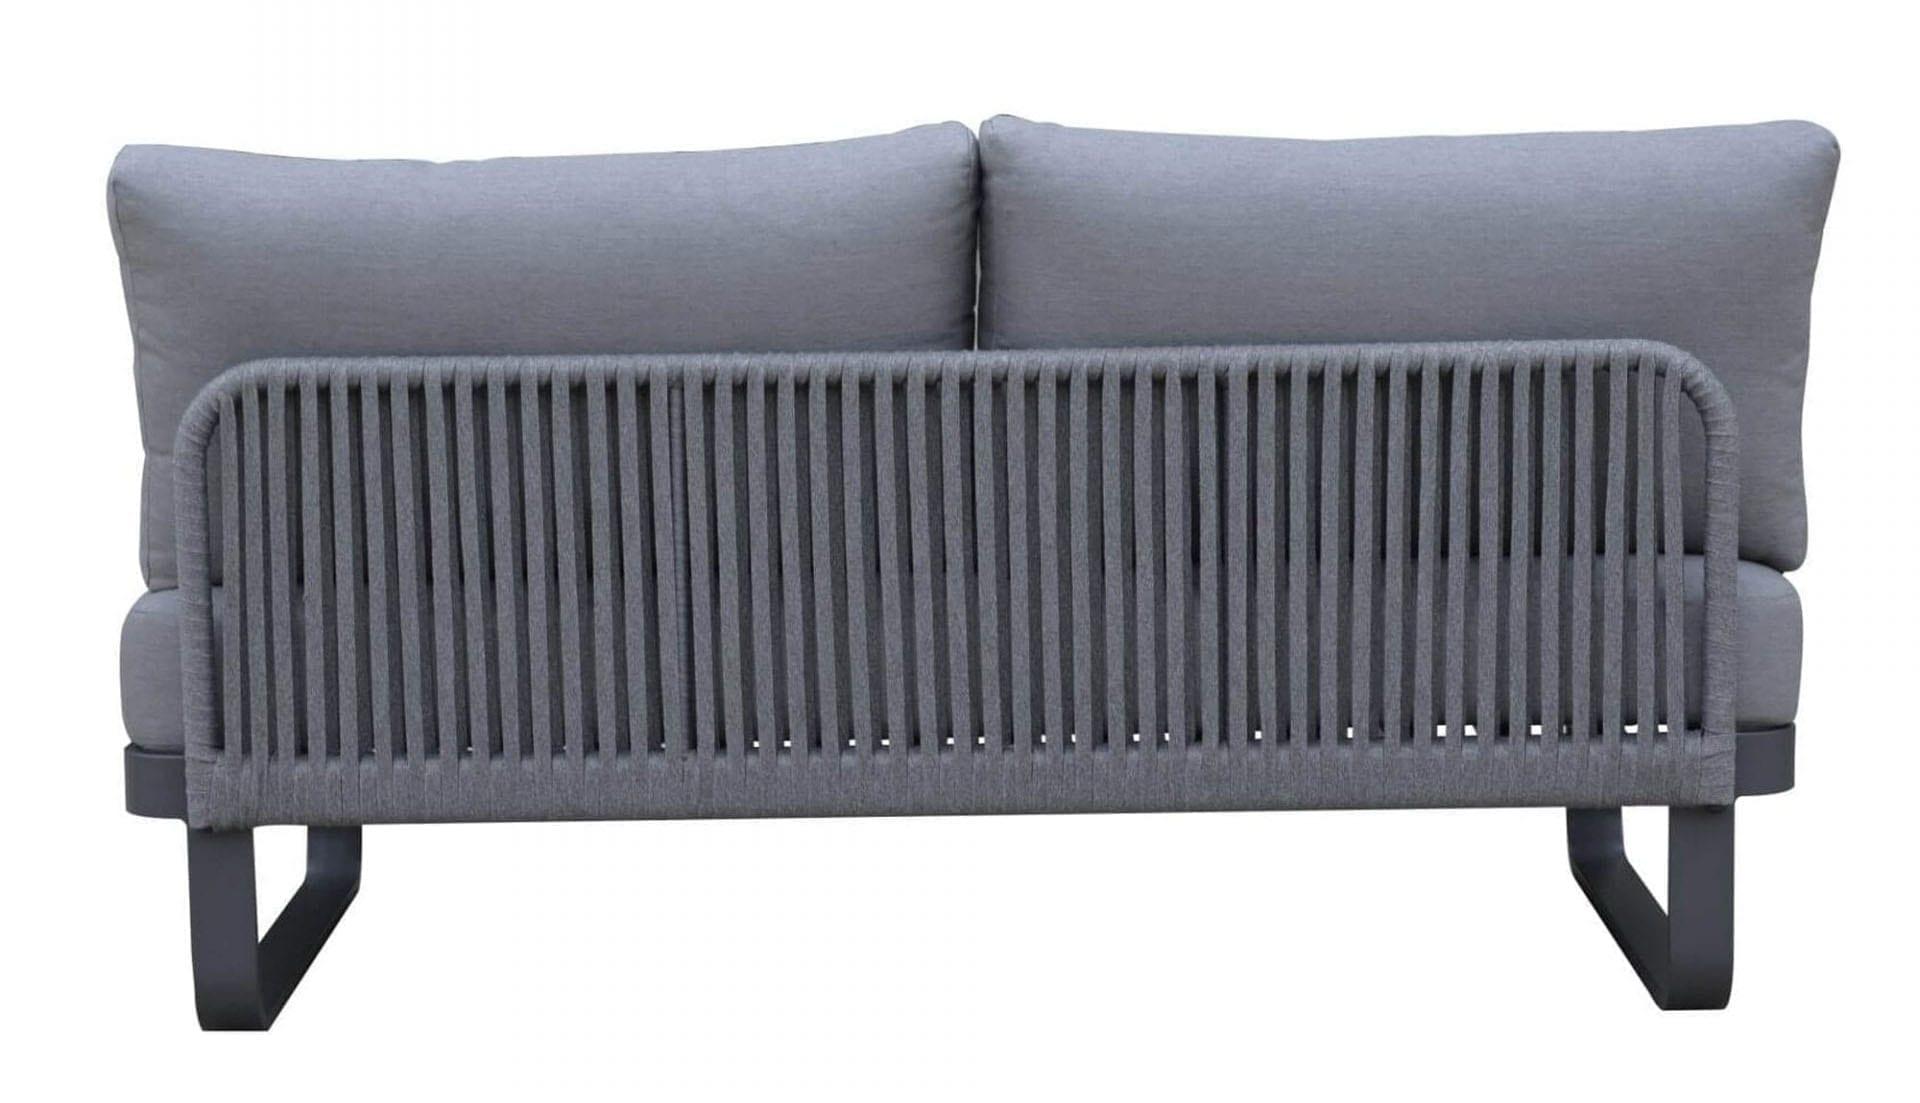 Bildet-av-ryggen-på-en-gardenart-sofa-med-tau-nummer-100502tau-scaled-copy Hagemøbler og utemøbler - Fine design